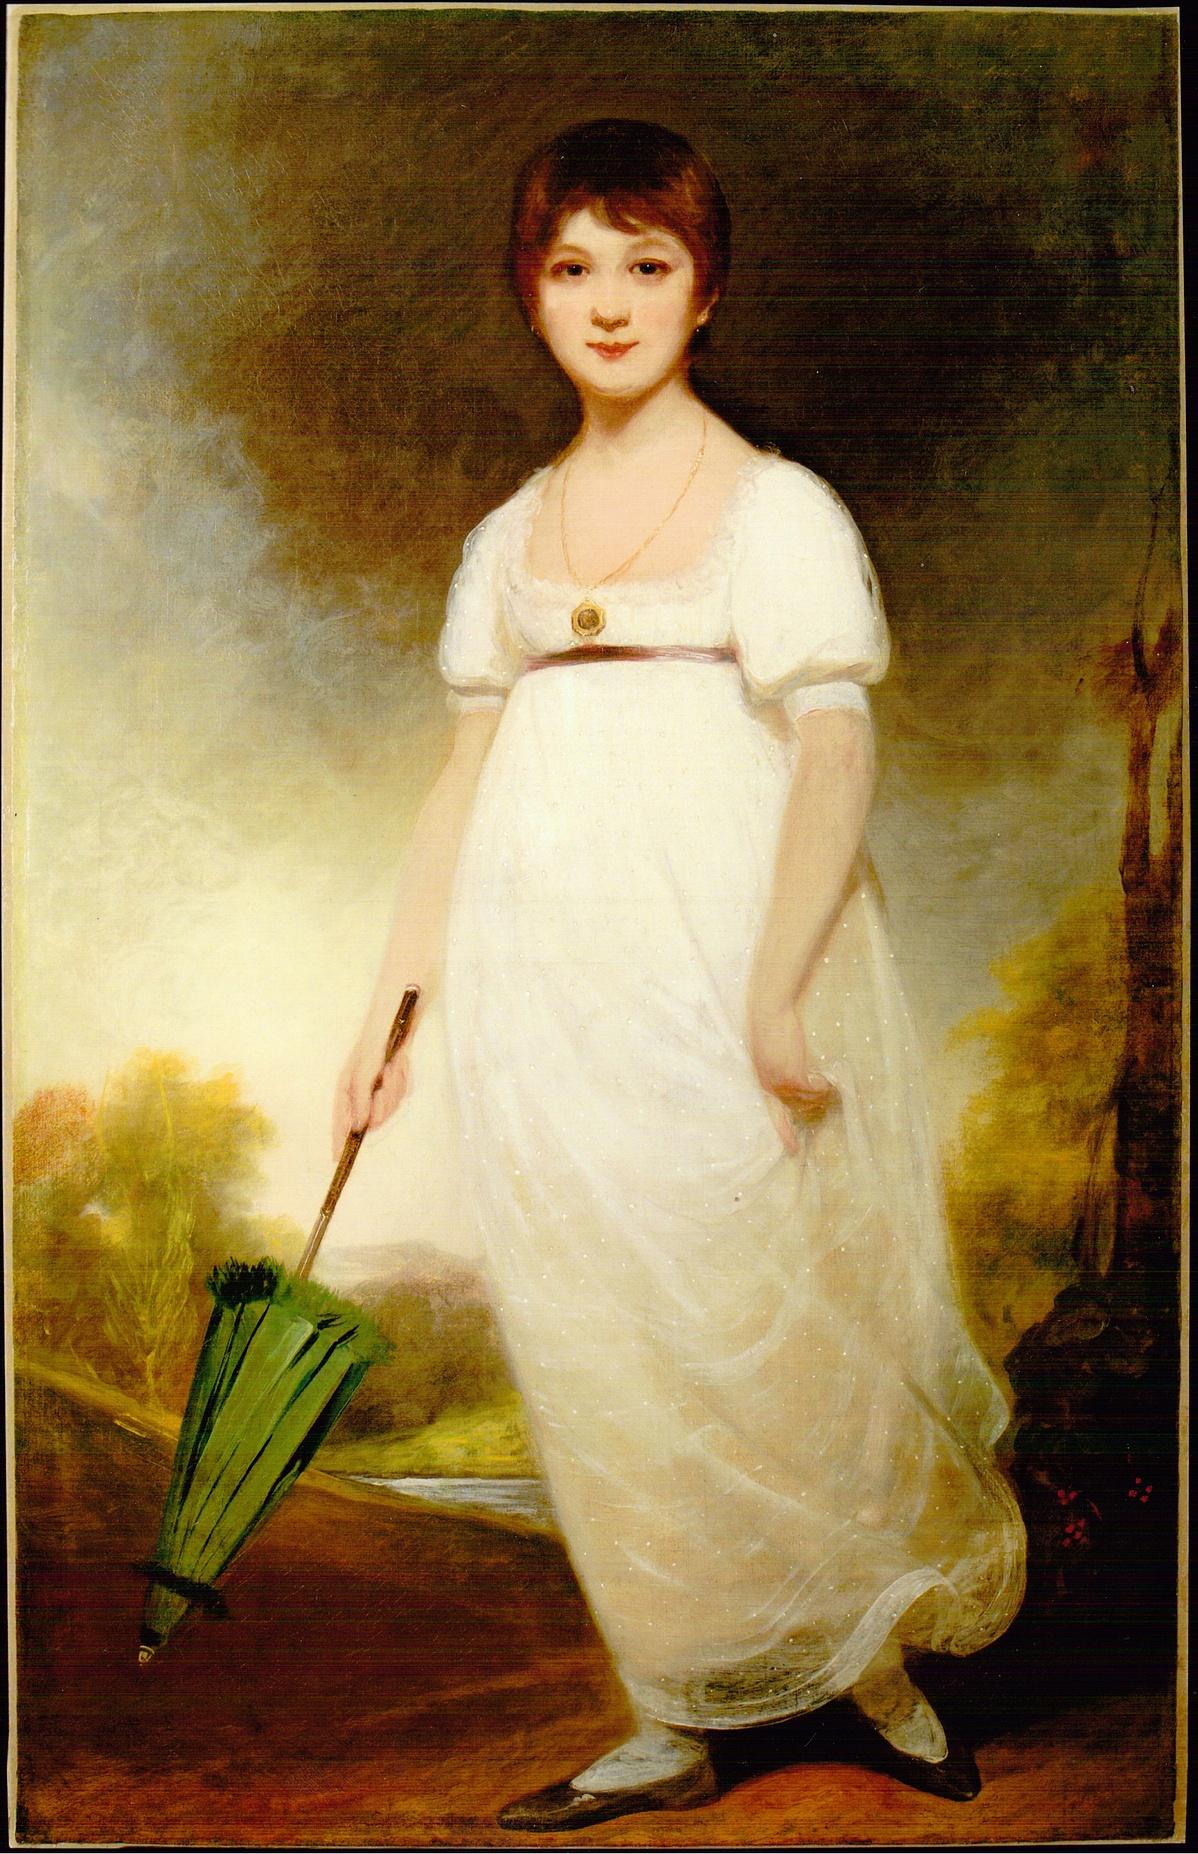 A vitákat kiváltó Rice-portré, amin állítólag a 13-14 éves Jane Austen látható. Az olajfestményen azonban sem dátum, sem szignó nem szerepel.